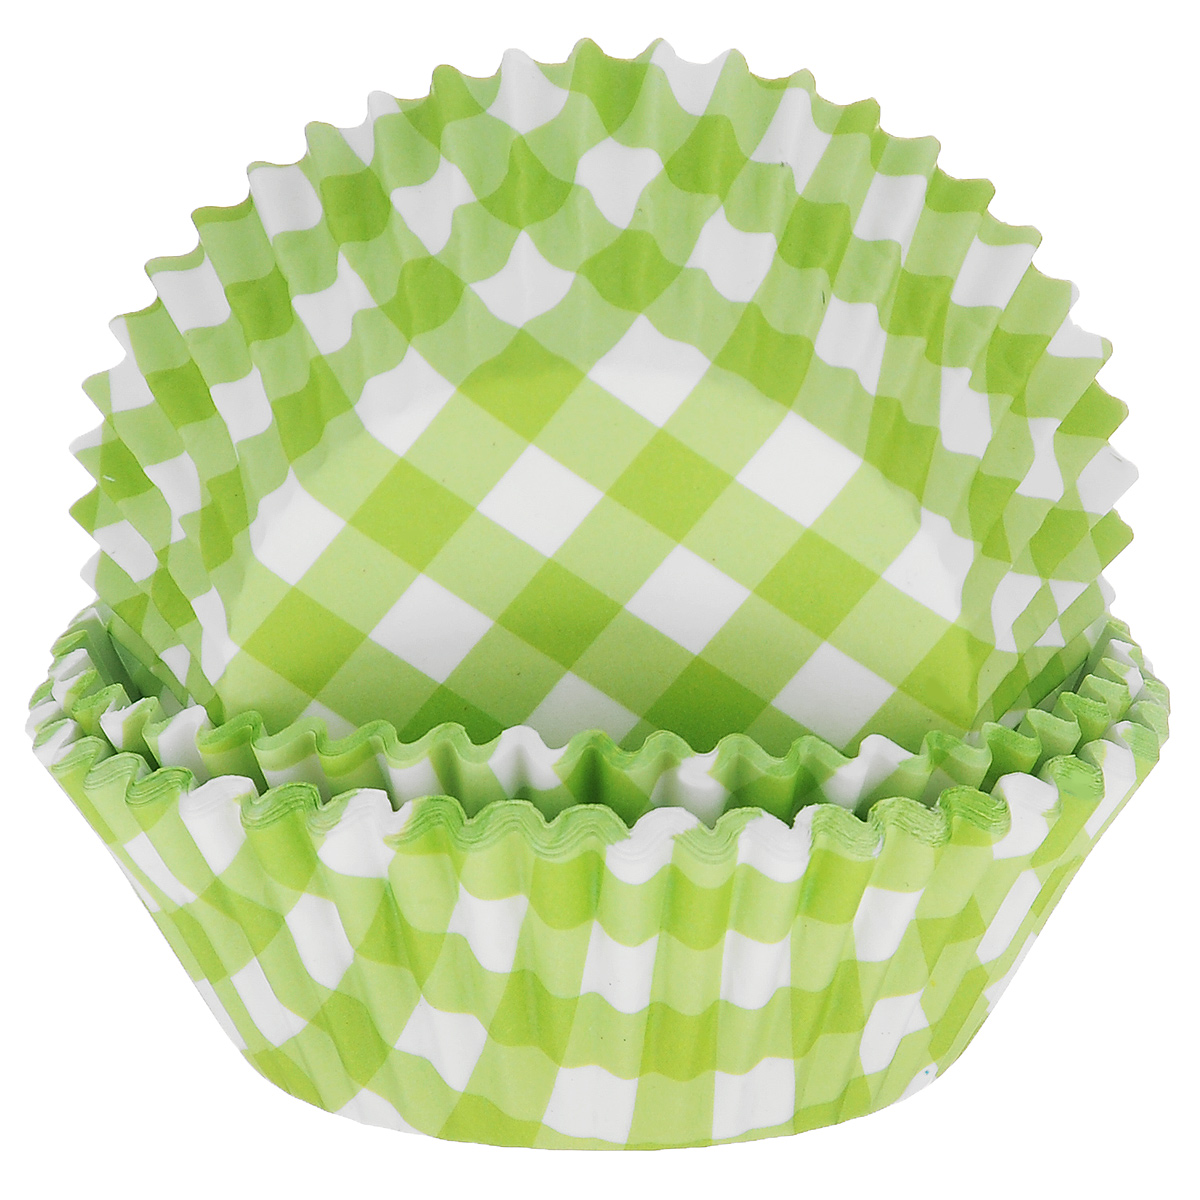 Набор бумажных форм для кексов Dolce Arti Клетка, цвет: зеленый, диаметр 7 см, 50 штDA080208Набор Dolce Arti Клетка состоит из 50 бумажных форм для кексов, оформленных принтом в клетку. Они предназначены для выпечки и упаковки кондитерских изделий, также могут использоваться для сервировки орешков, конфет и много другого. Для одноразового применения. Гофрированные бумажные формы идеальны для выпечки кексов, булочек и пирожных.Высота стенки: 3 см. Диаметр (по верхнему краю): 7 см.